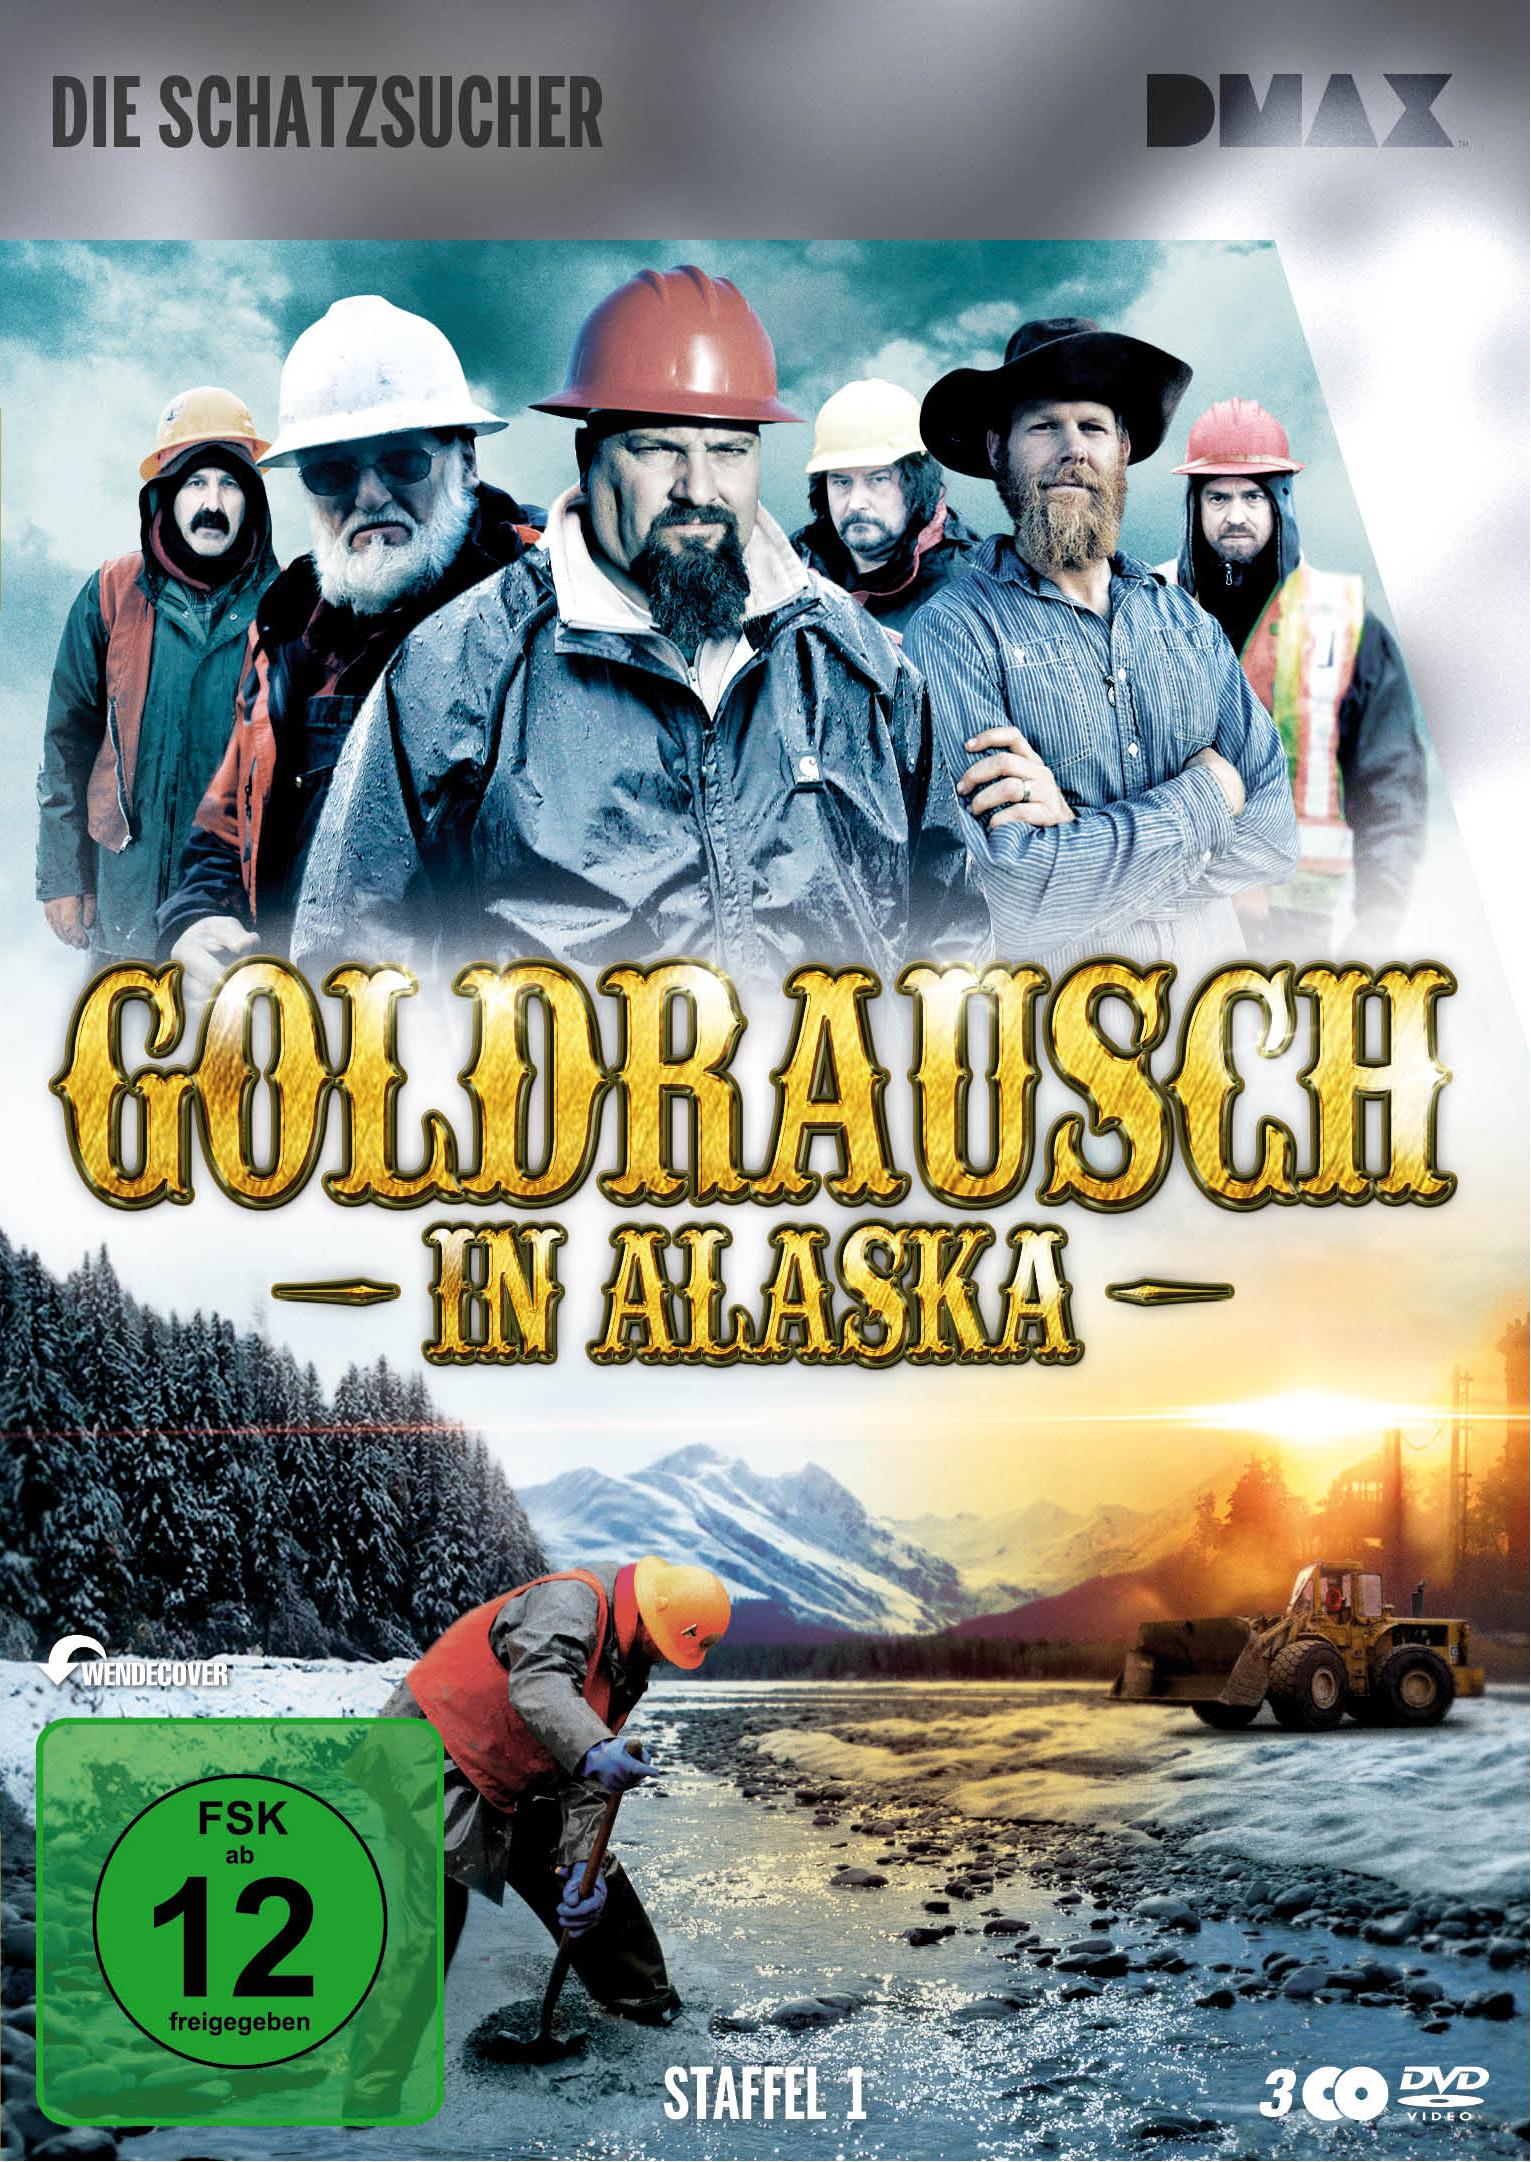 die schatzsucher goldrausch in alaska staffel 1